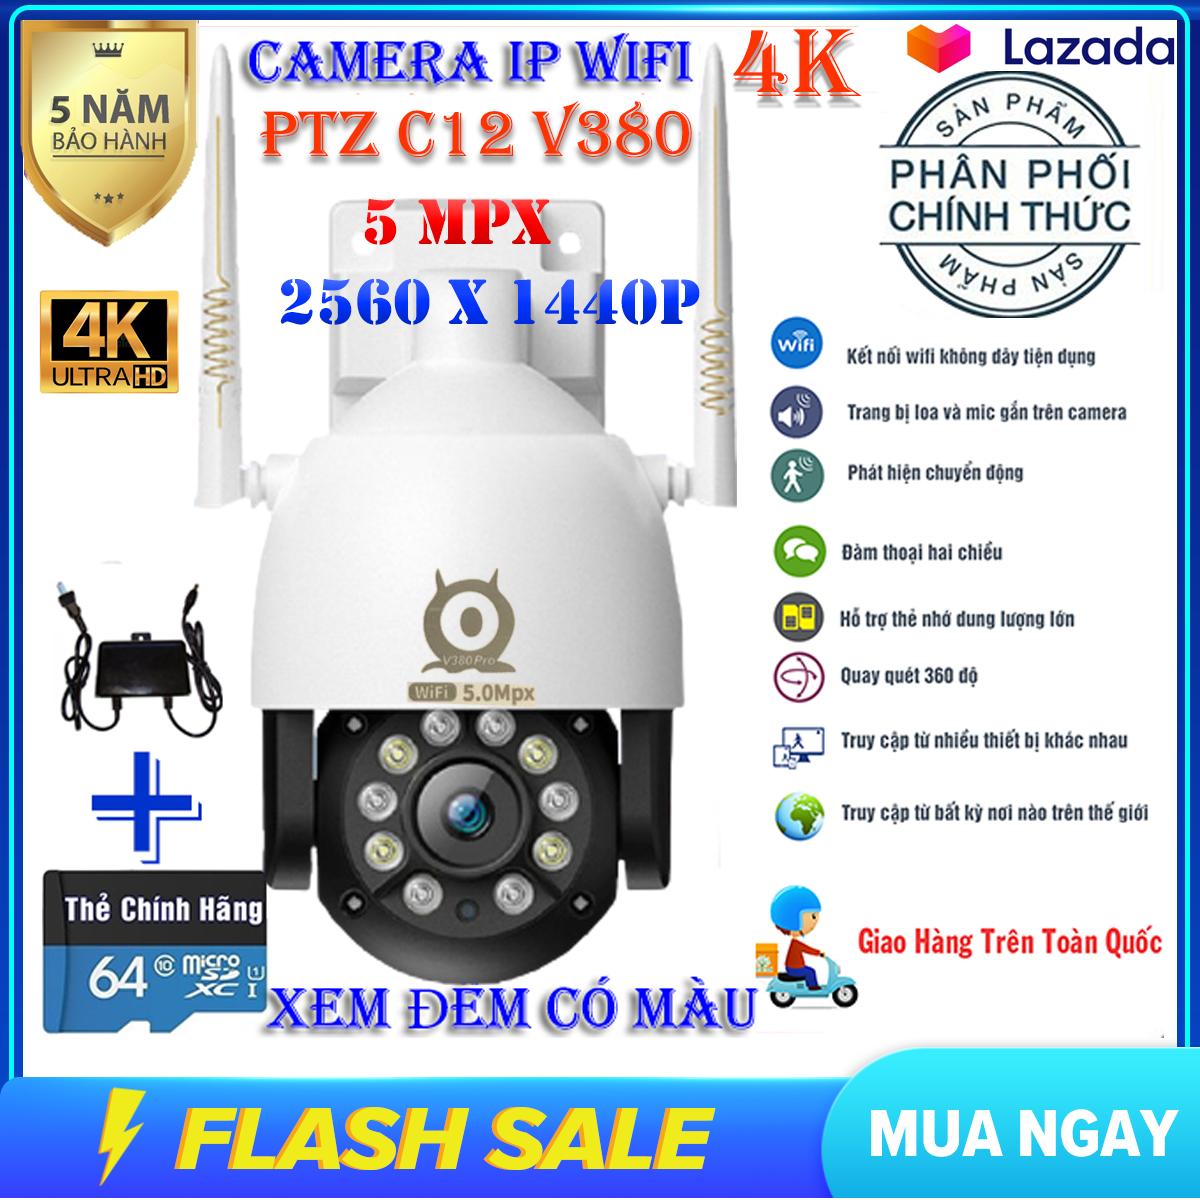 (Bảo Hành 5 năm,Kèm thẻ 64 GB chuyên dụng)Camera ip Wifi PTZ C12 V380 PRO SIÊU NÉT 5MPX 2560 X 1440P, Xem Đêm Có Màu,Xoay 360 độ,Camera trong nhà, ngoài trời, camera chống nước, chống ngược sáng